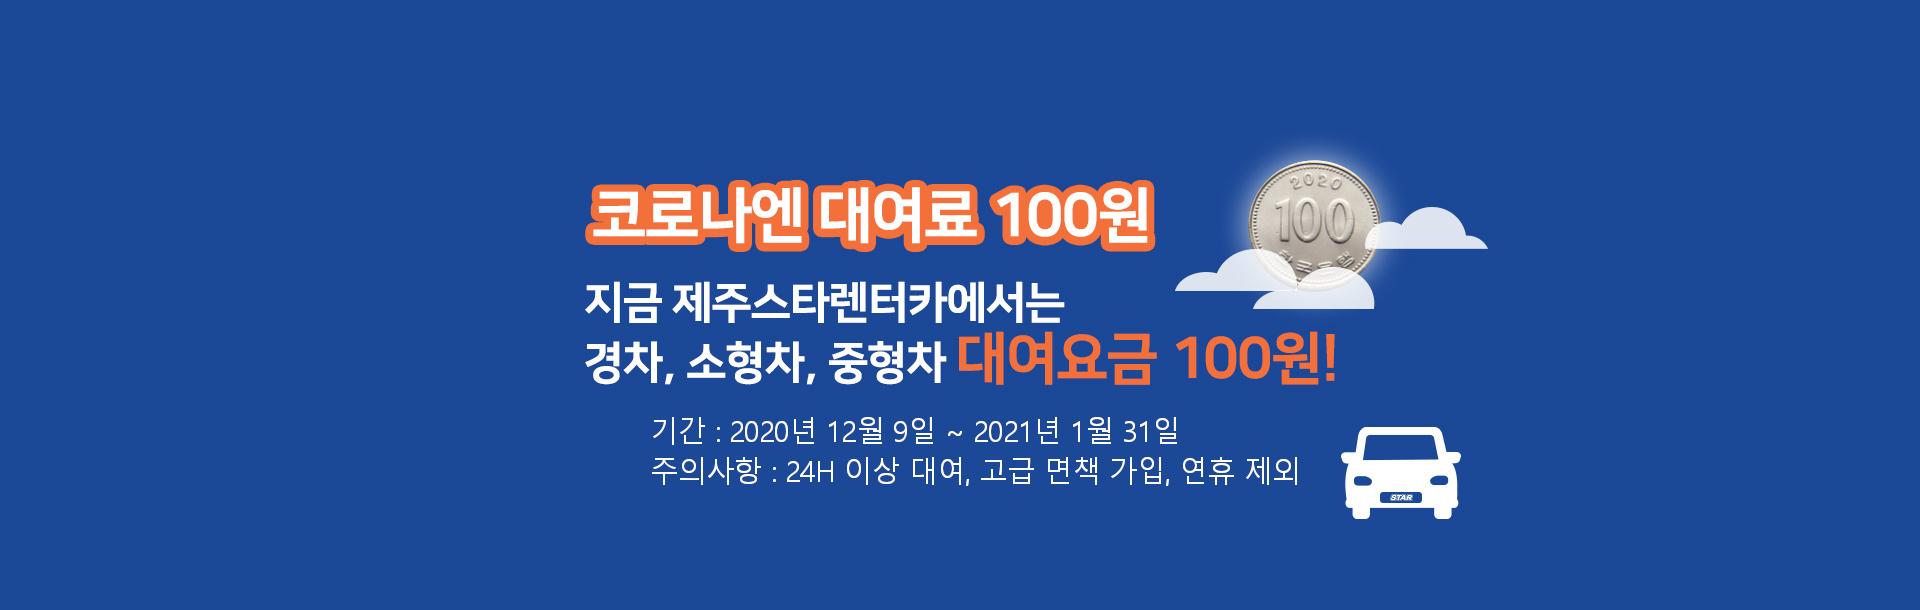 100원 이벤트